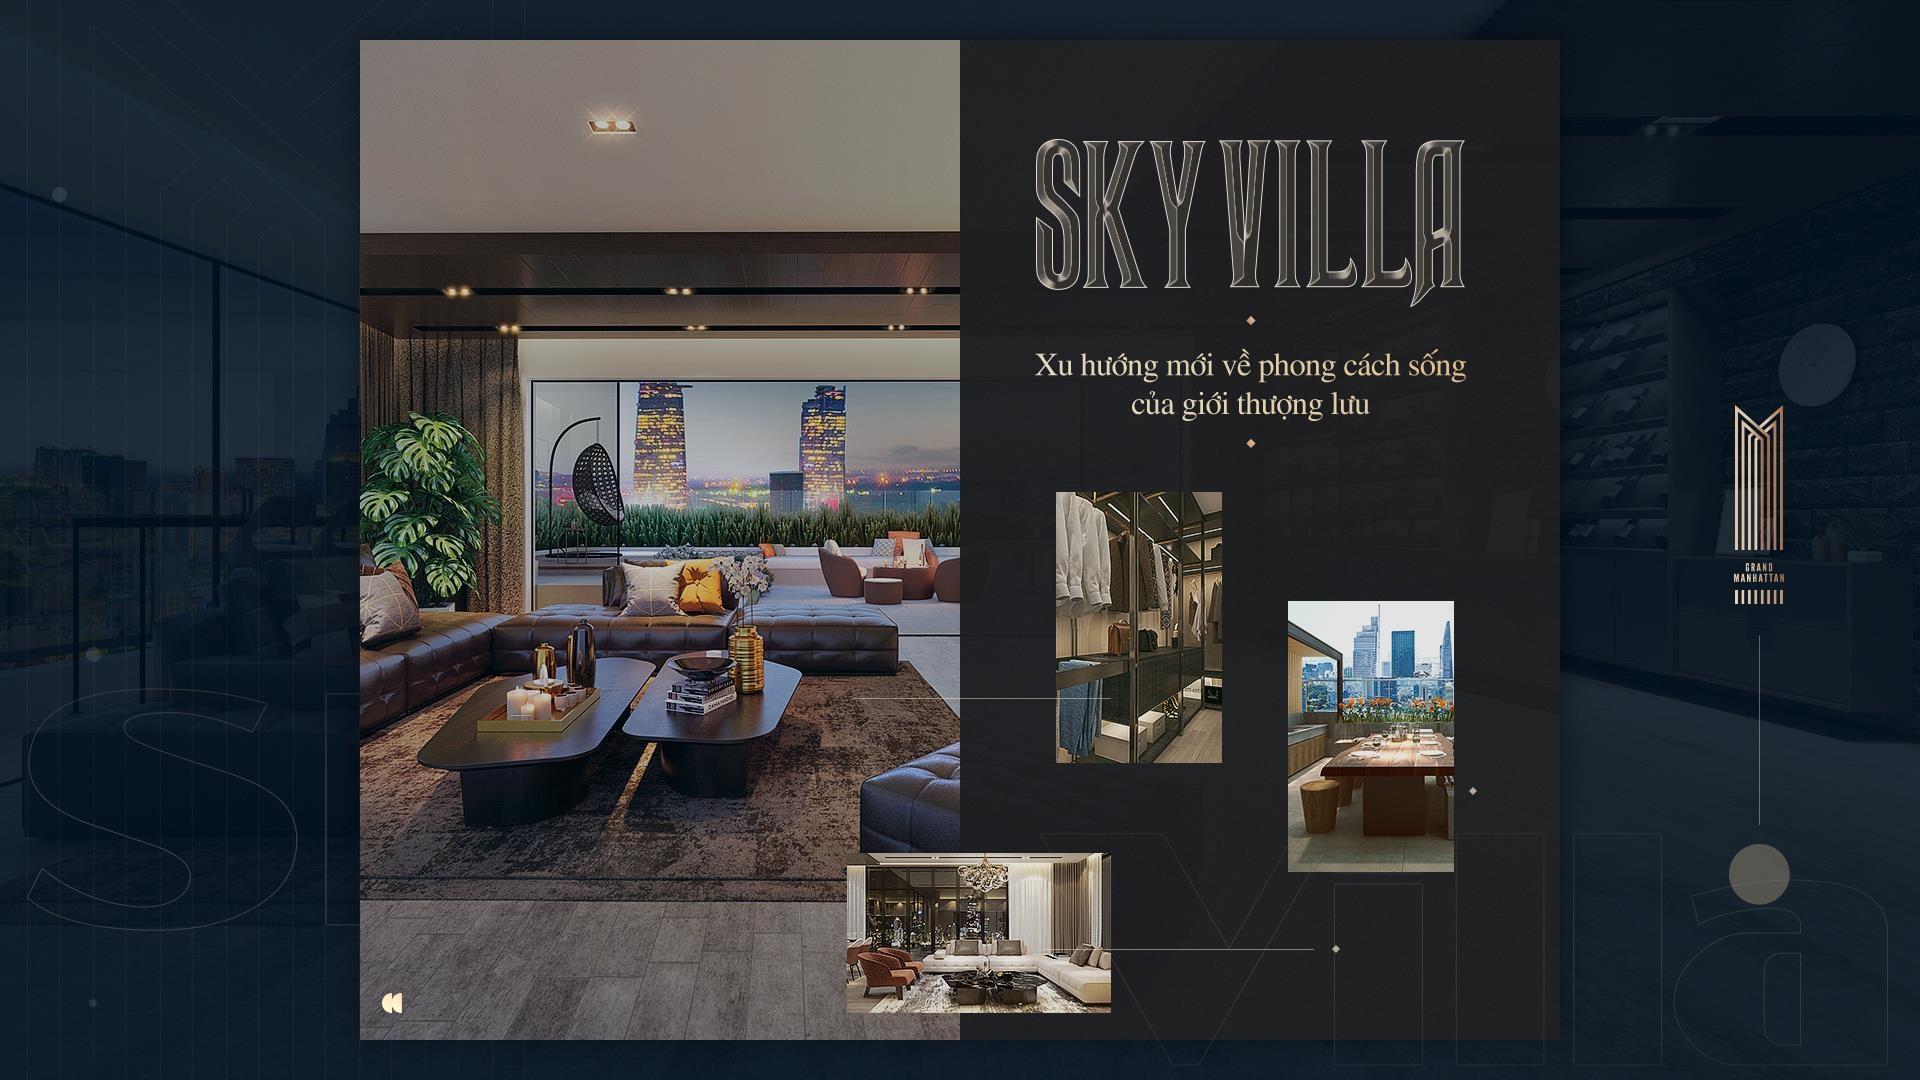 Sky Villa - xu huong moi ve phong cach song cua gioi thuong luu hinh anh 2